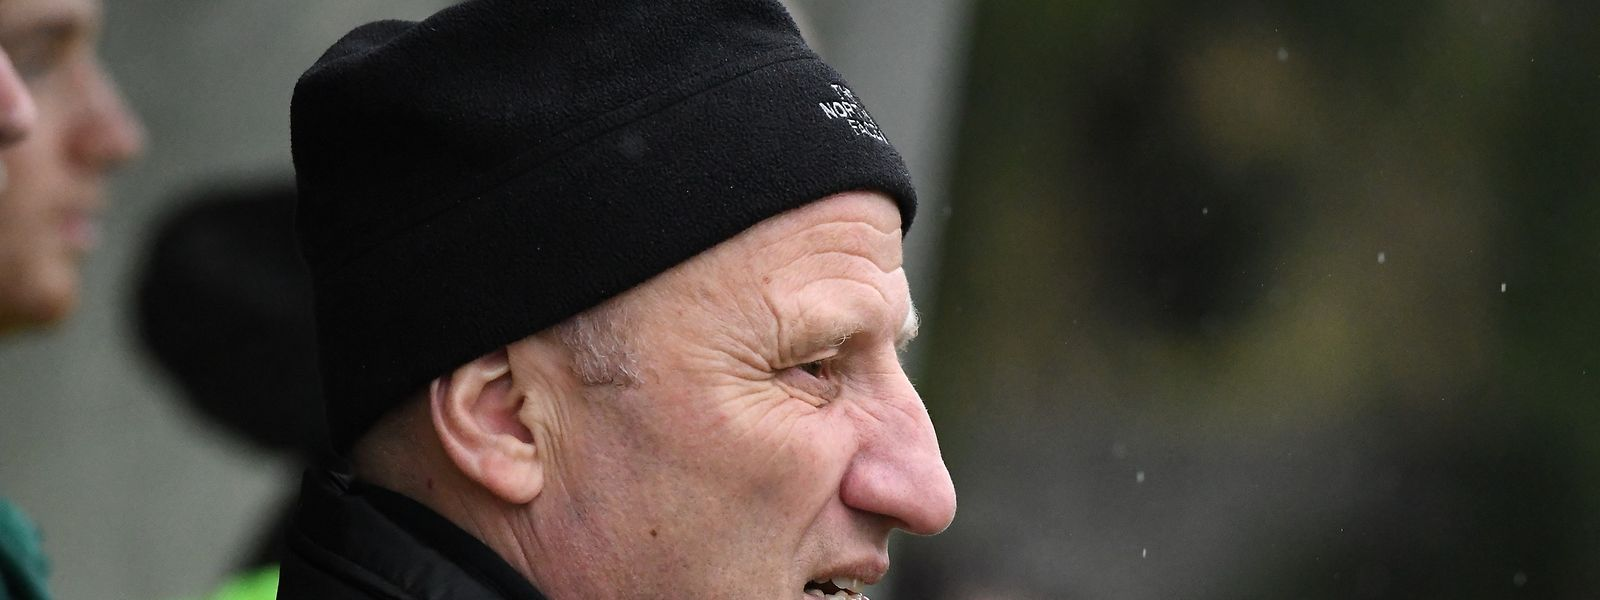 Le coach du FC Schifflange, Gilles Rodenbour déplore «le passage à vide de 15 minutes» de son équipe contre Bertrange